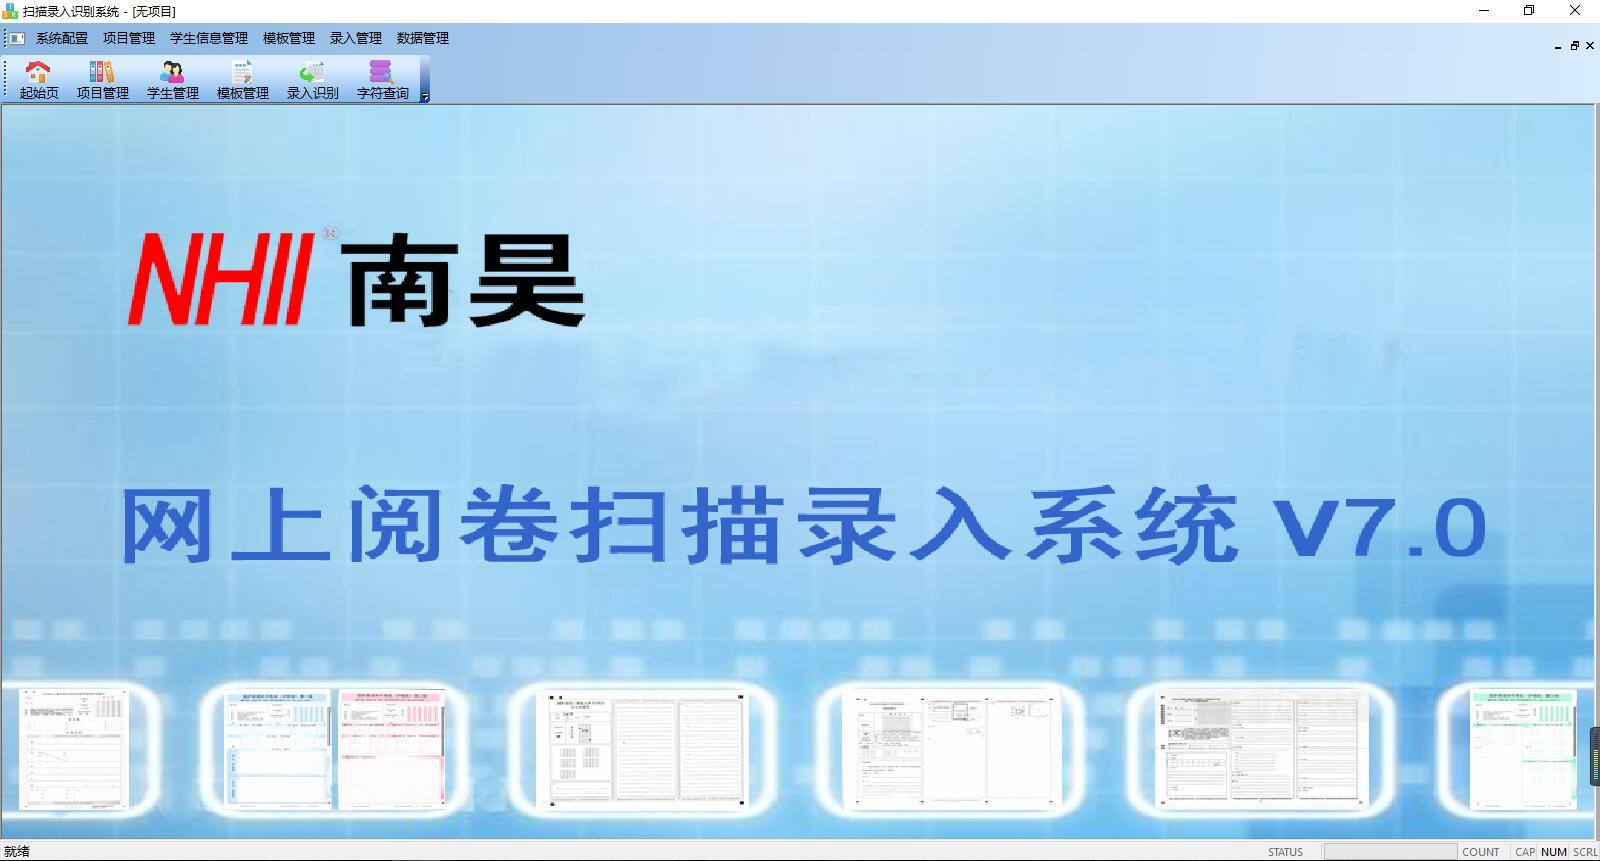 校园版网上阅卷系统报价 选择南昊品牌|新闻动态-河北文柏云考科技发展有限公司